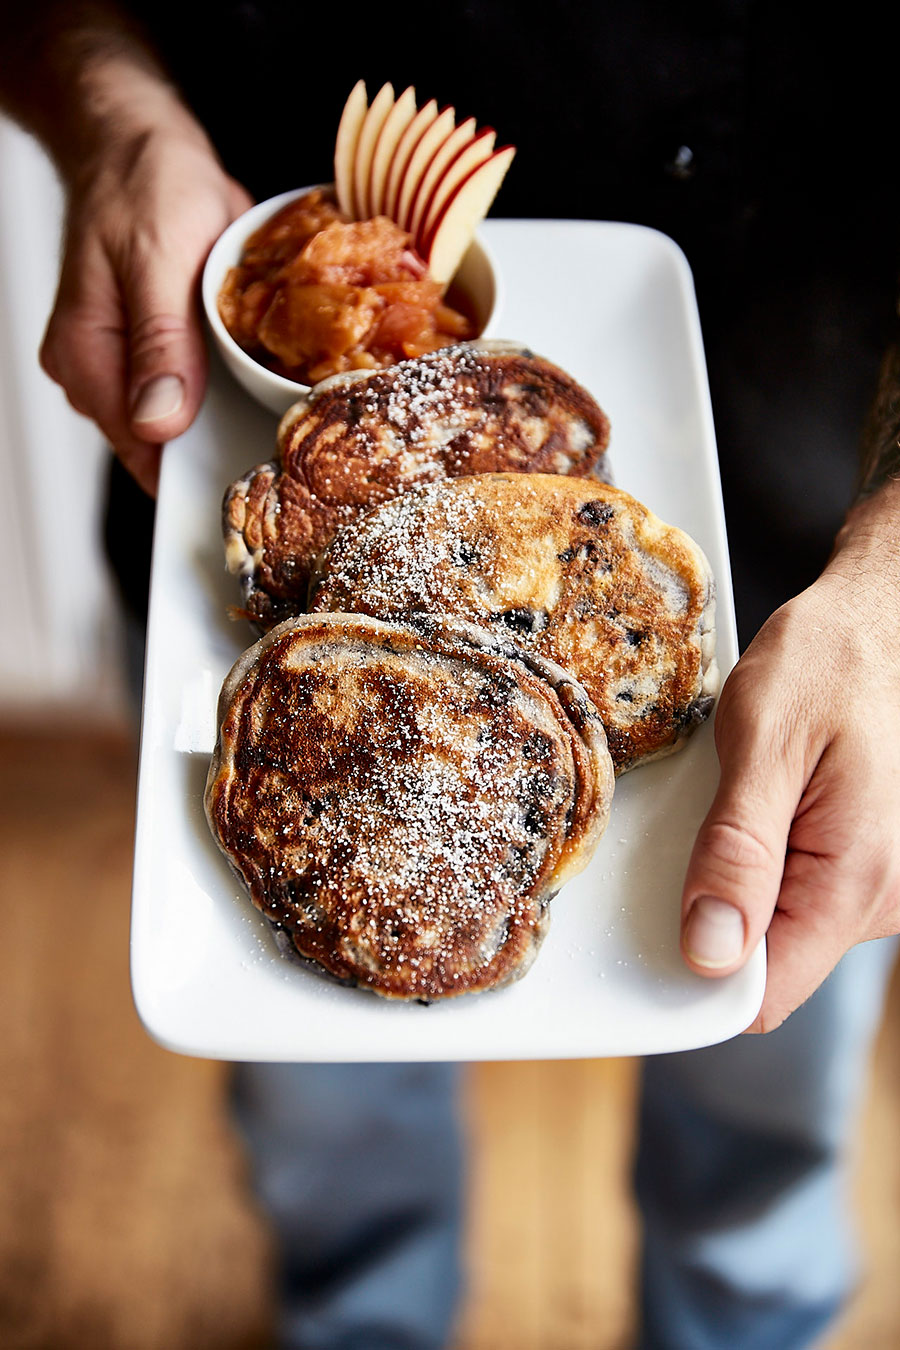 restaurantfotografie-CafeGemach-bielefeld-pancakes